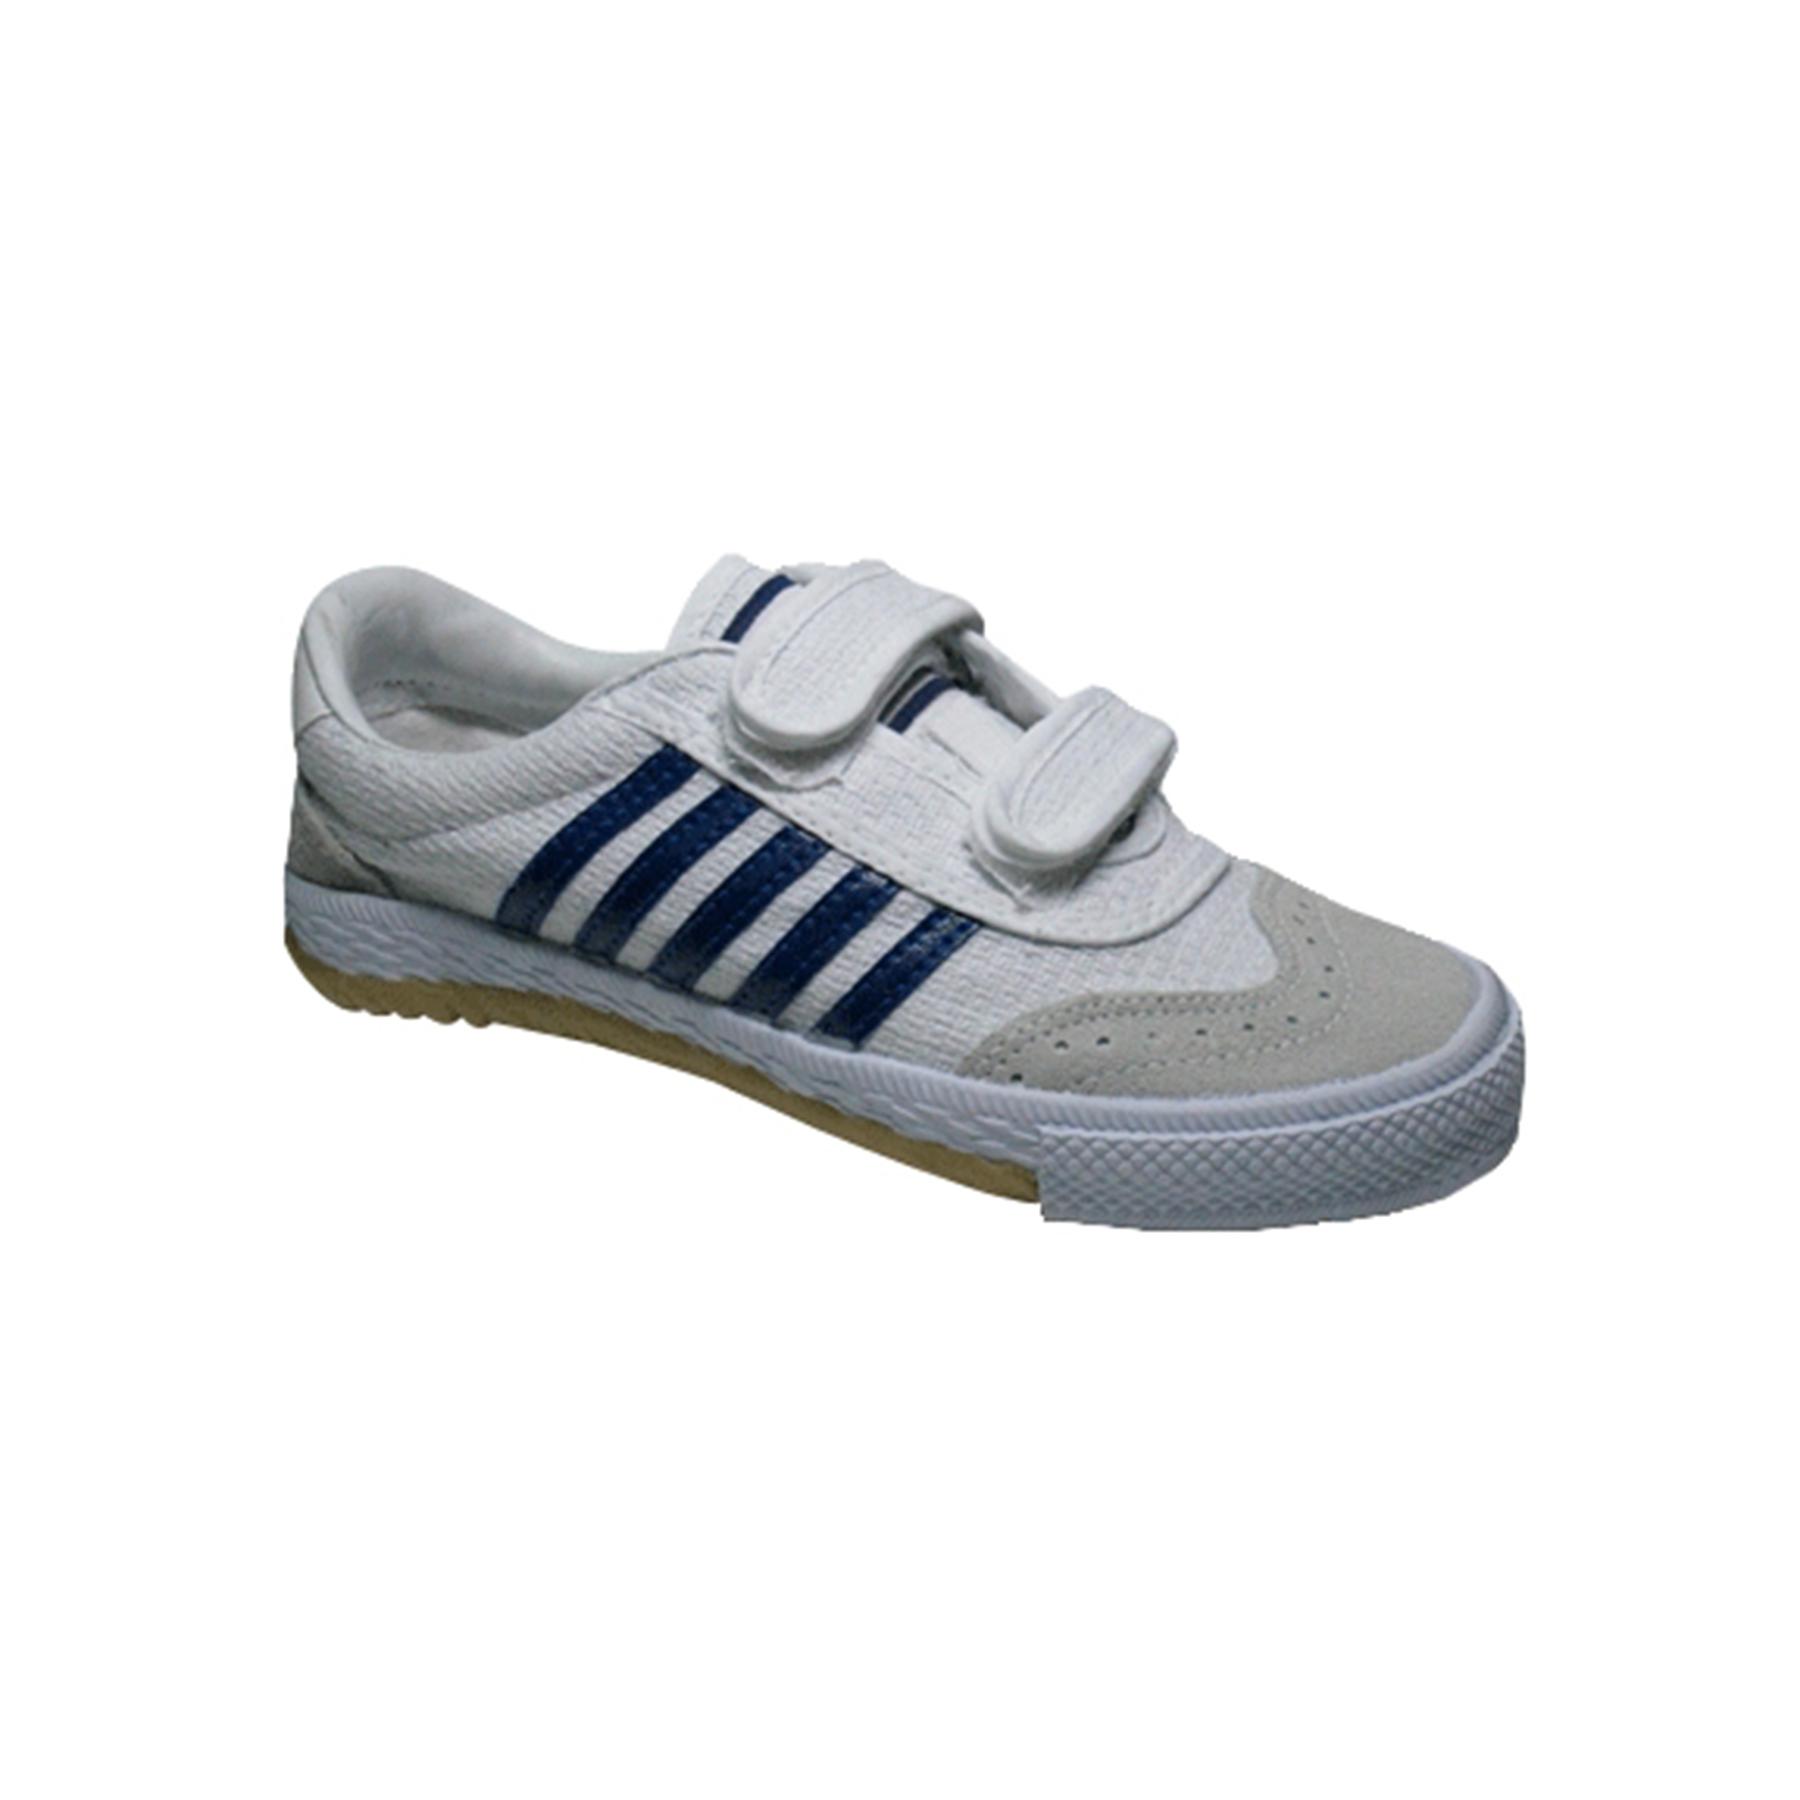 Обувь спорт. Trien  А 120-17 Т белая с синим на липах р. 40 АКЦИЯ!